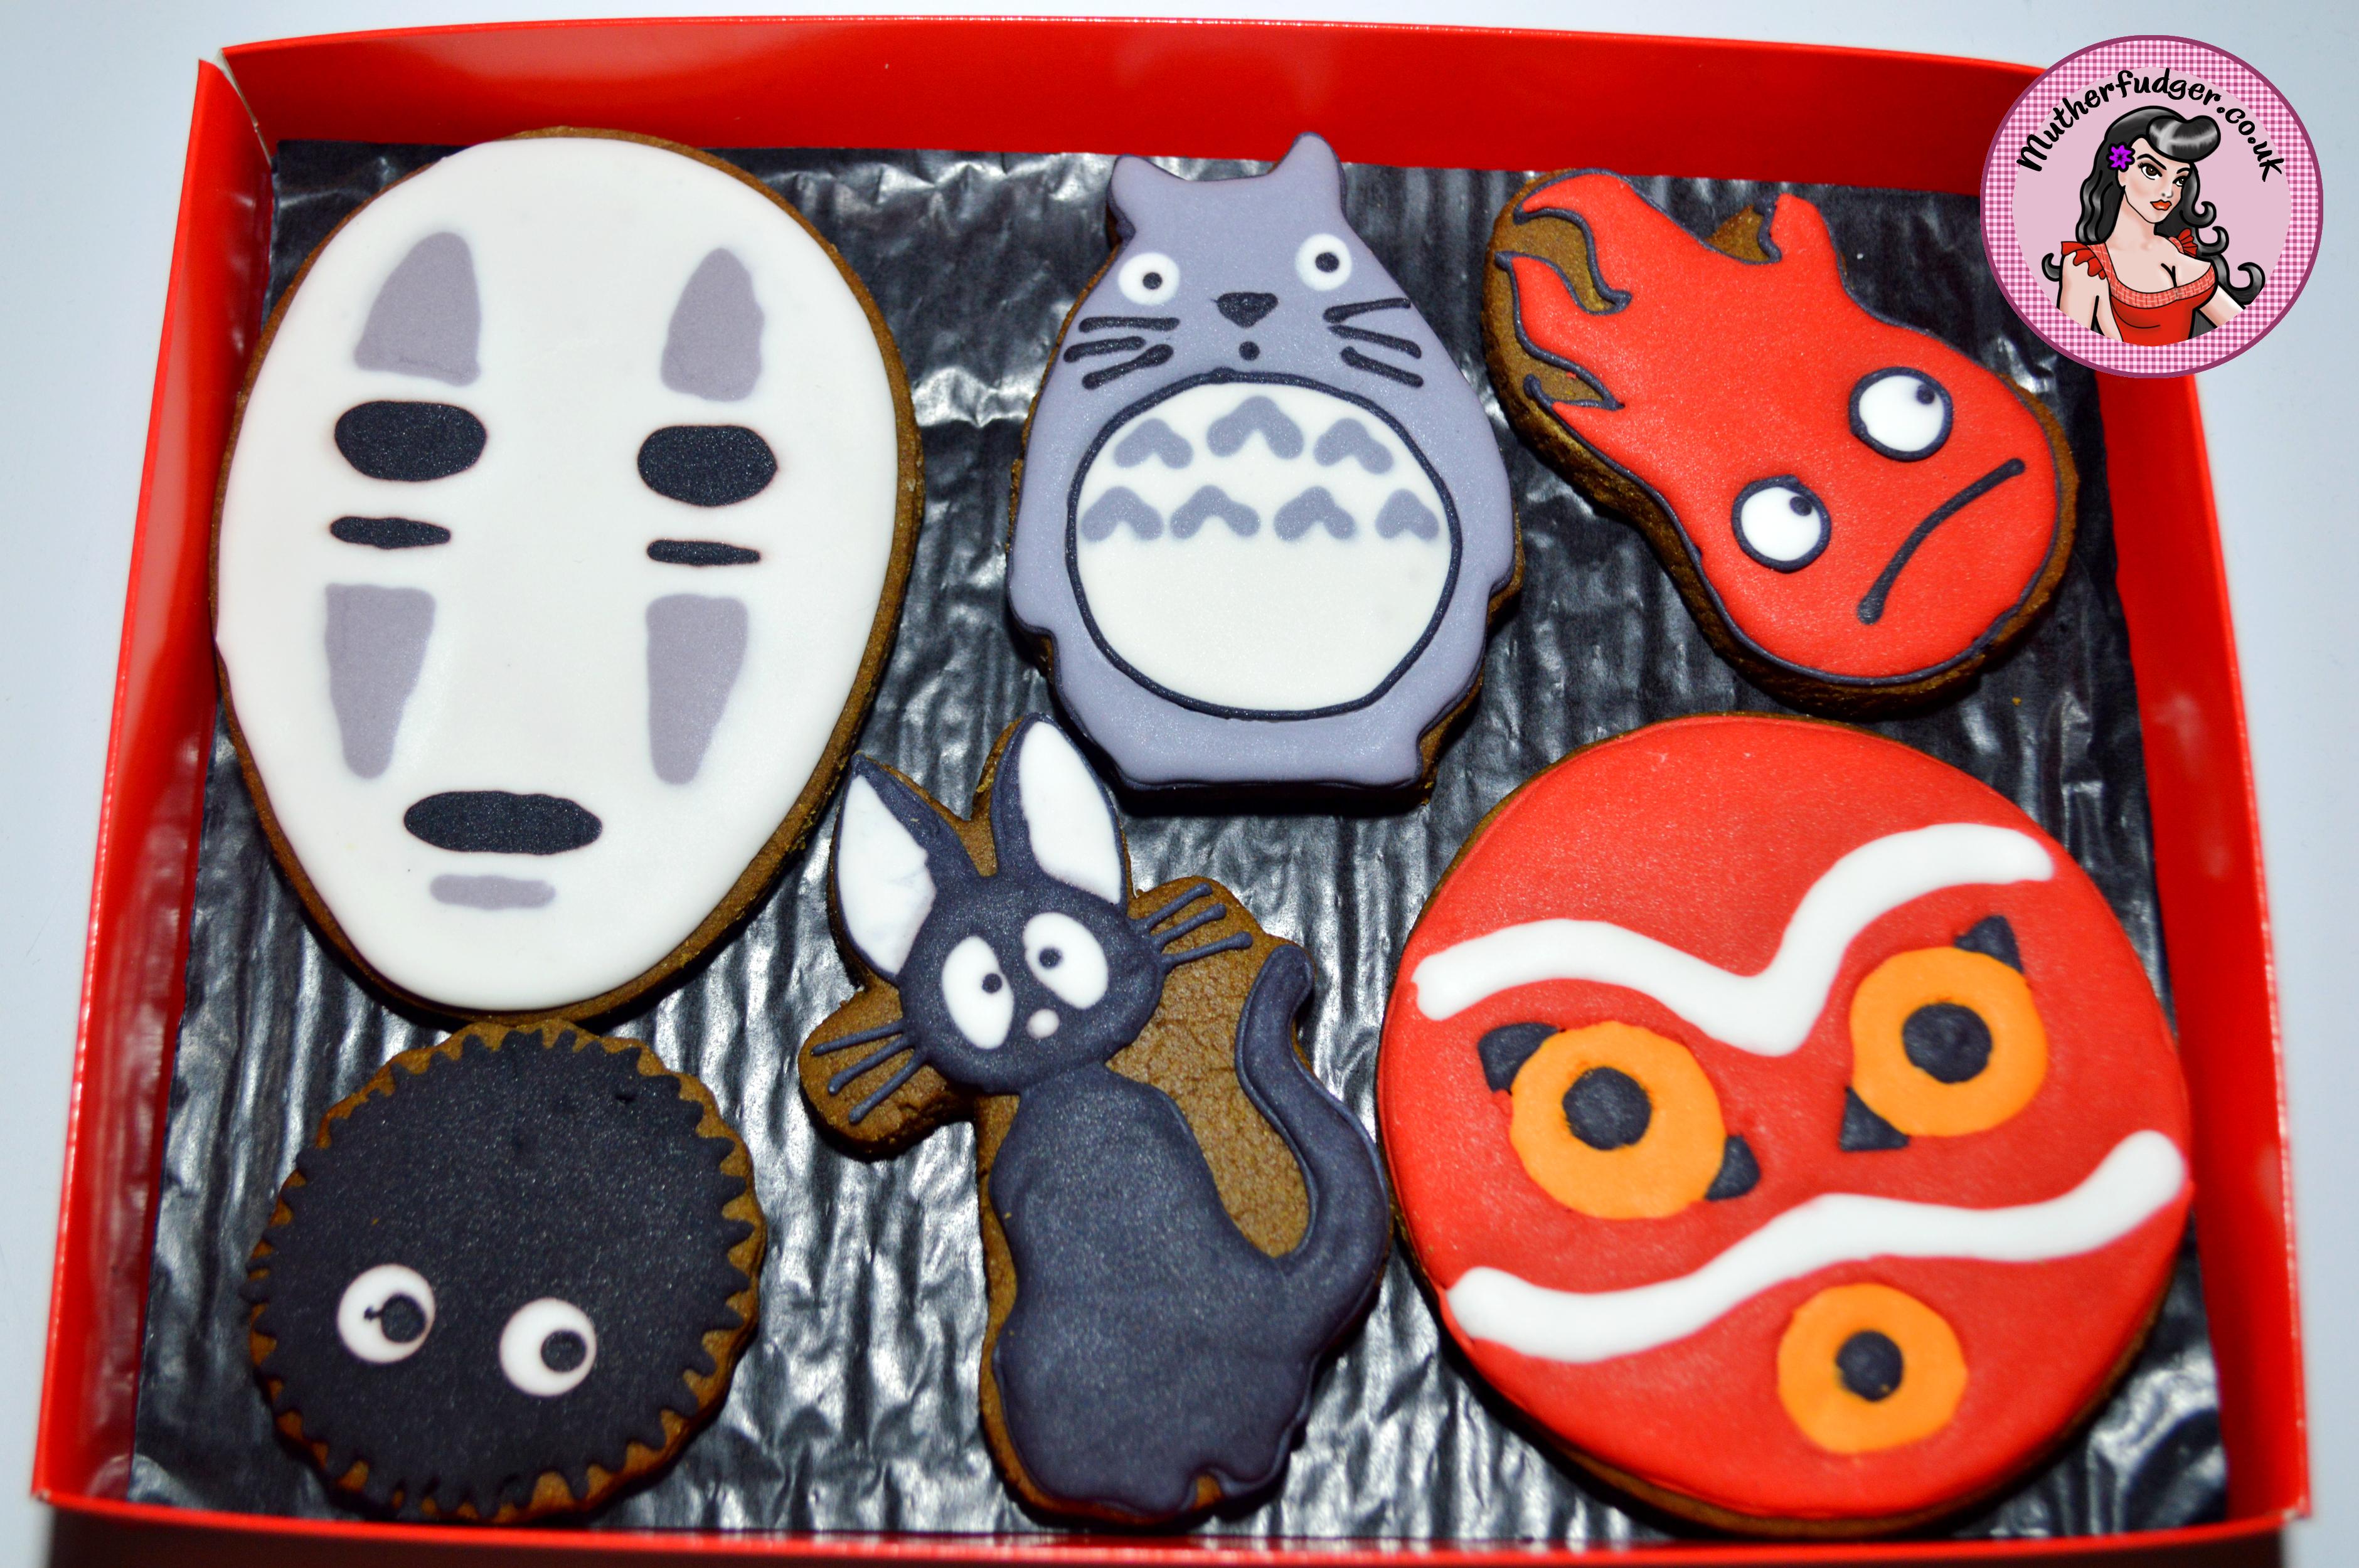 Studio Ghibli cookies